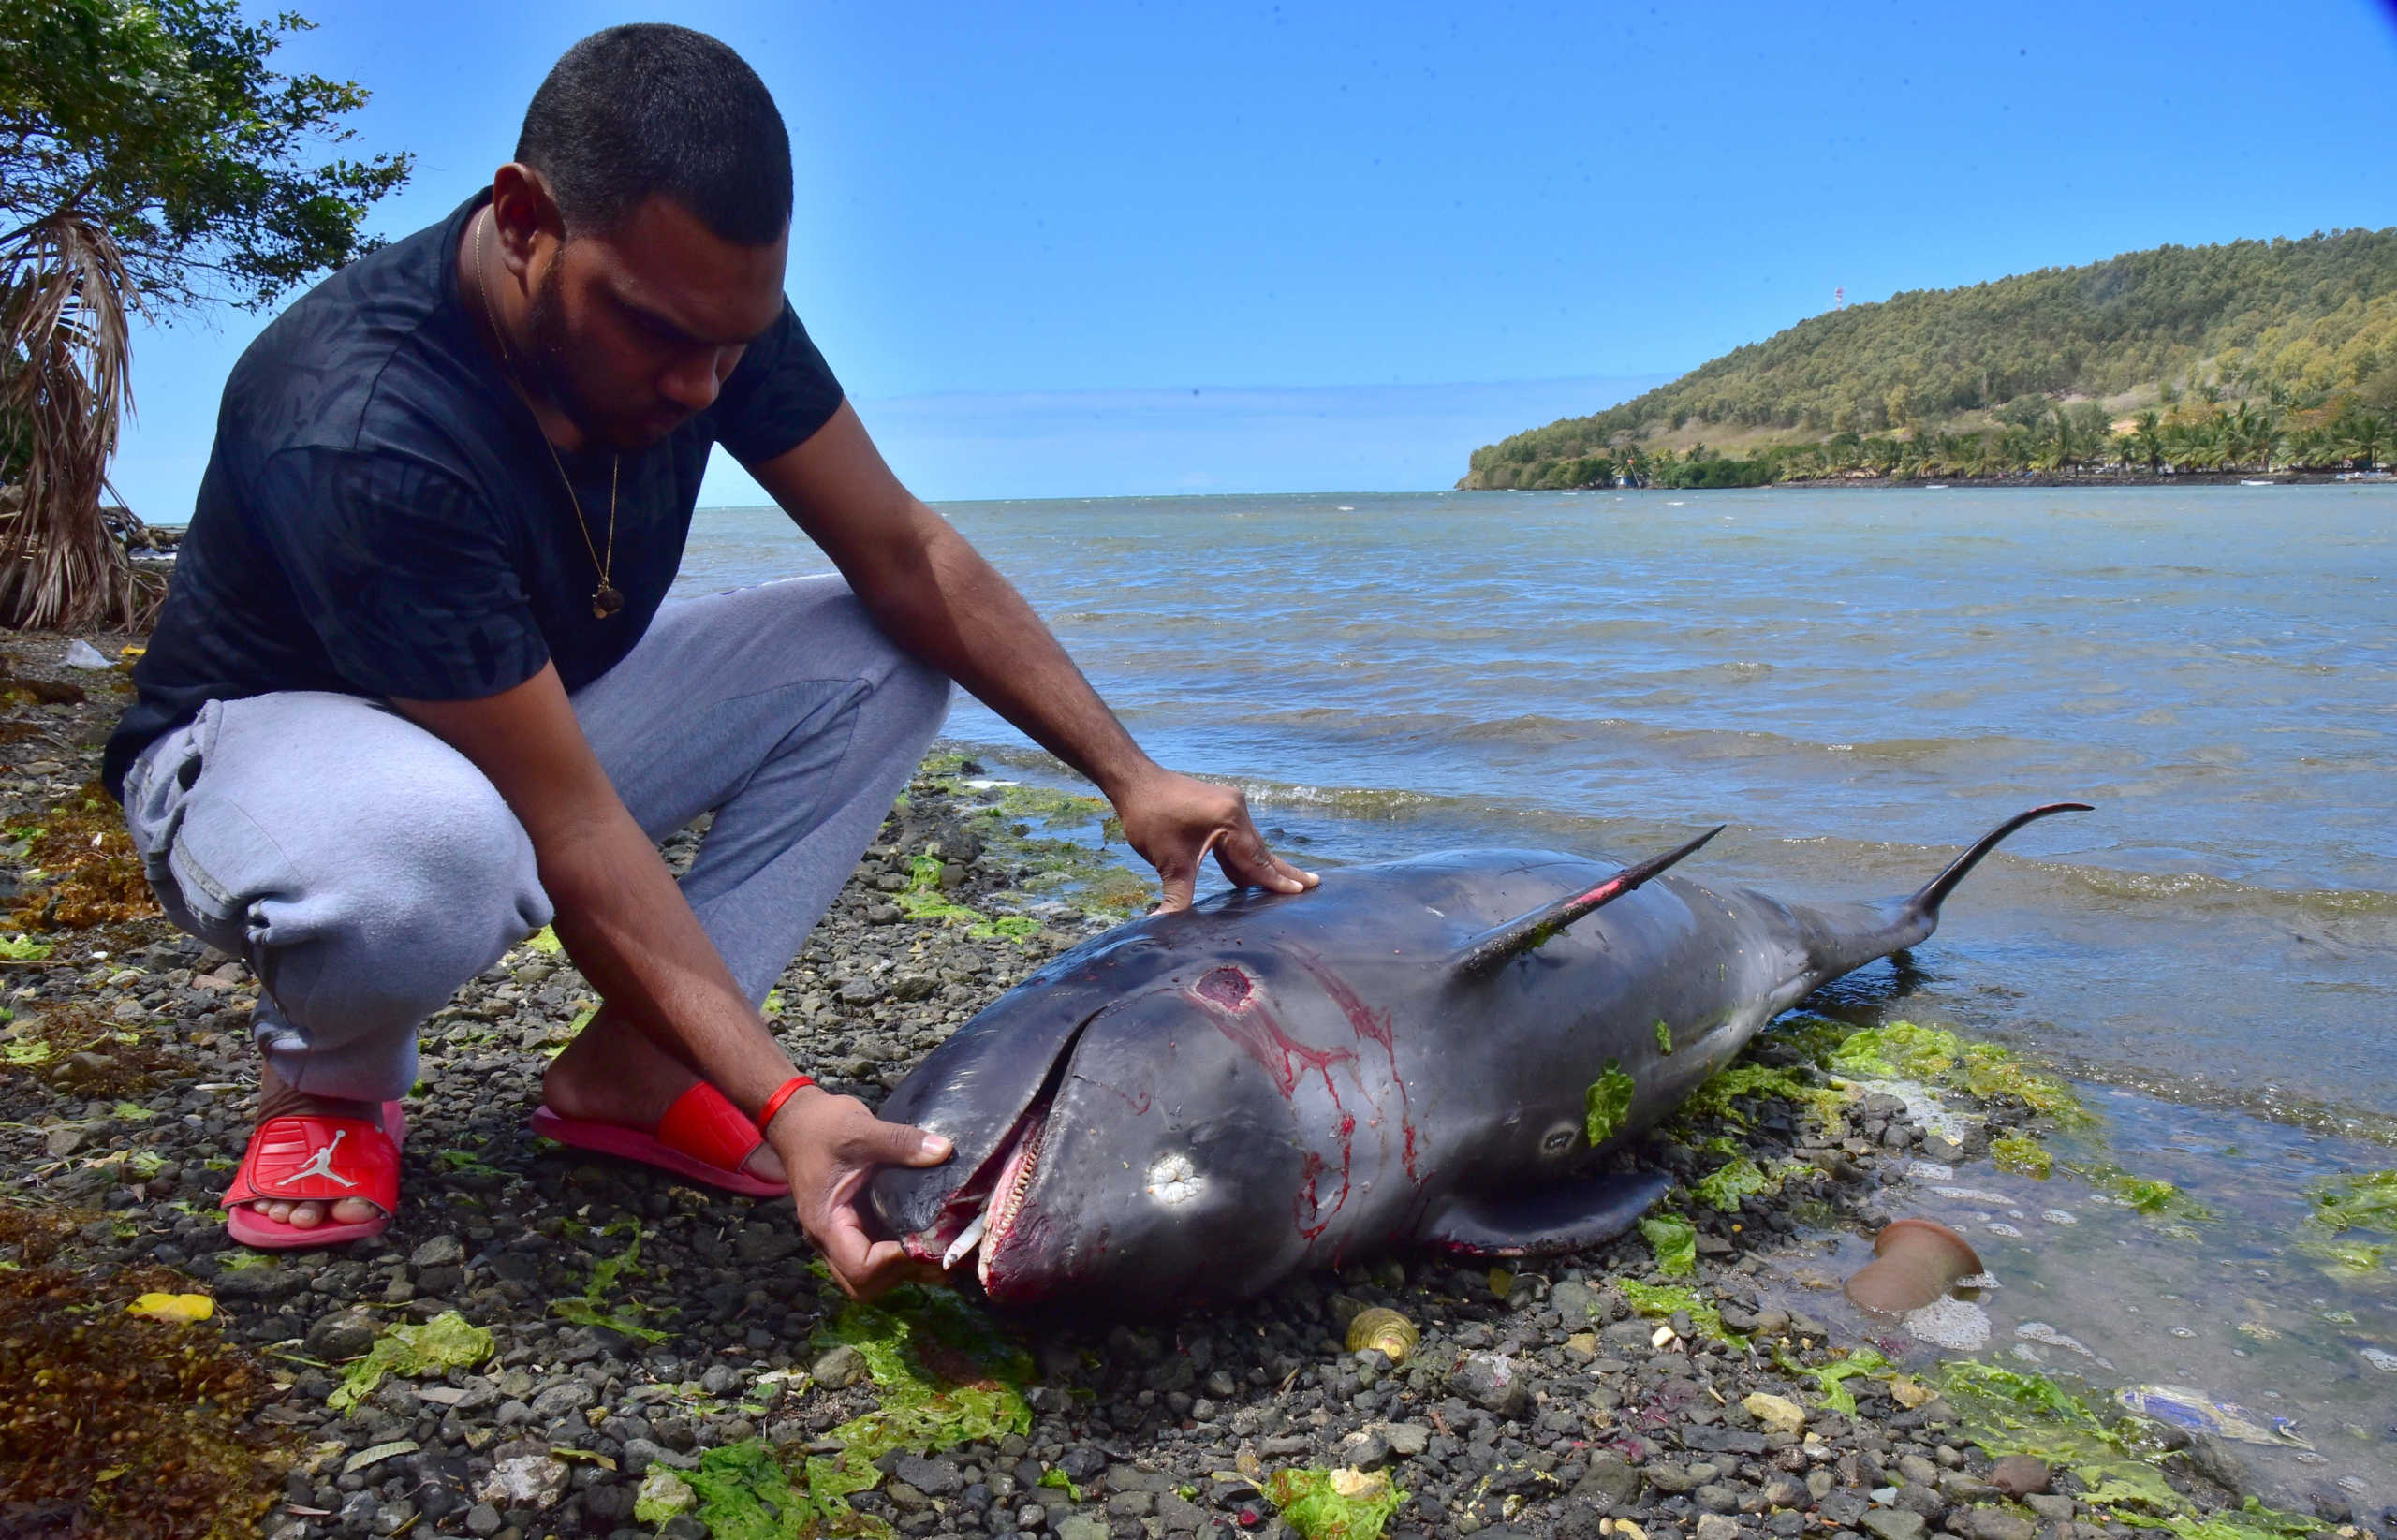 Μαυρίκιος: Τα 38 έφτασαν τα δελφίνια που ξεβράστηκαν μετά την πετρελαιοκηλίδα από ιαπωνικό φορτηγό πλοίο